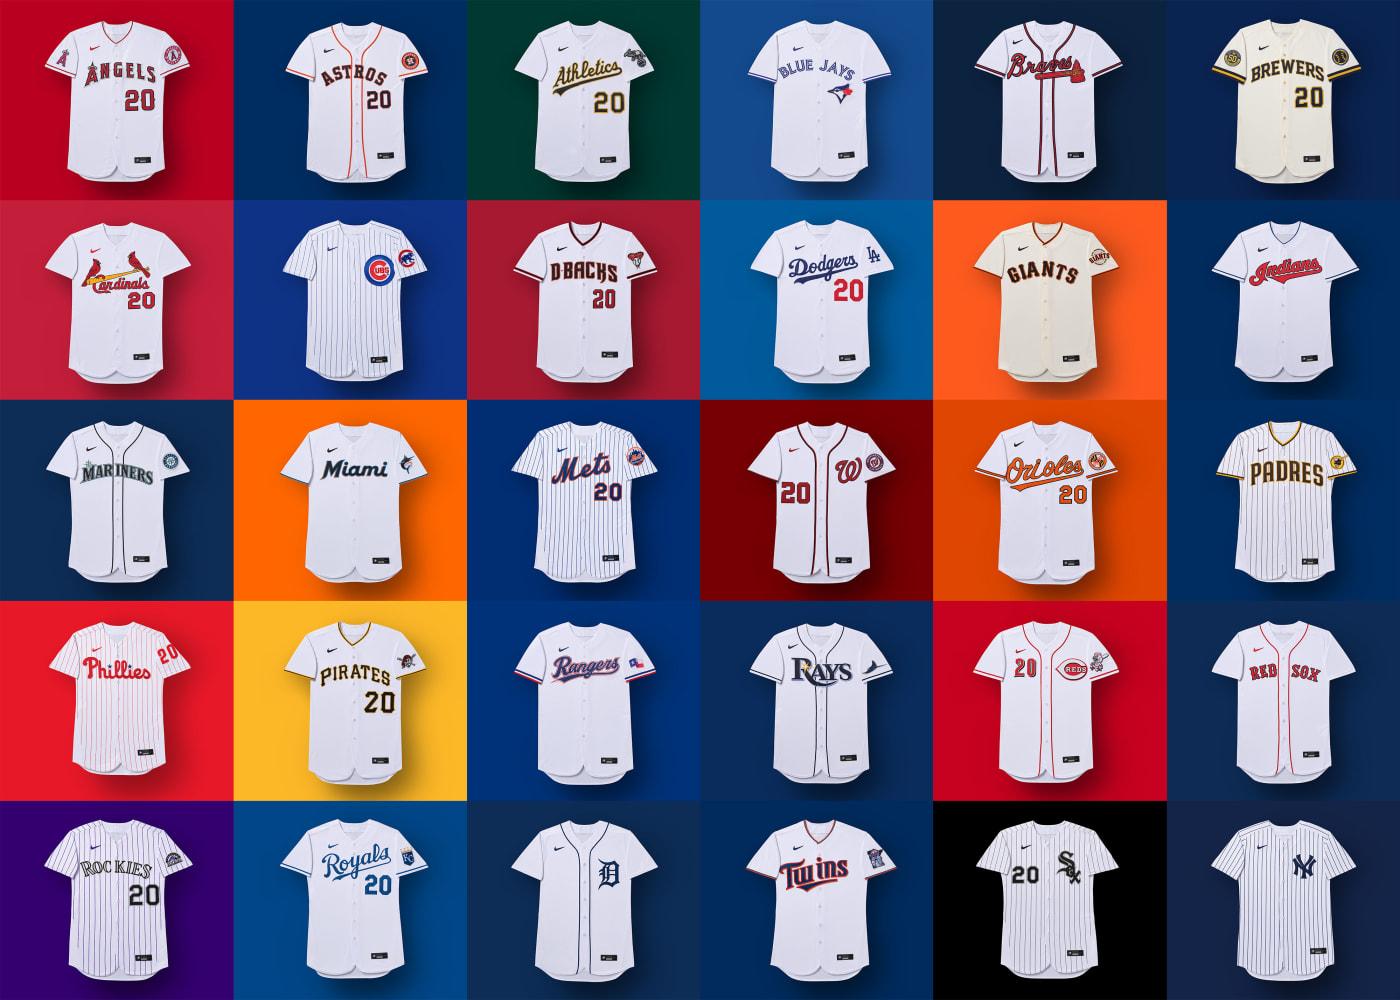 nike mlb uniforms 2020